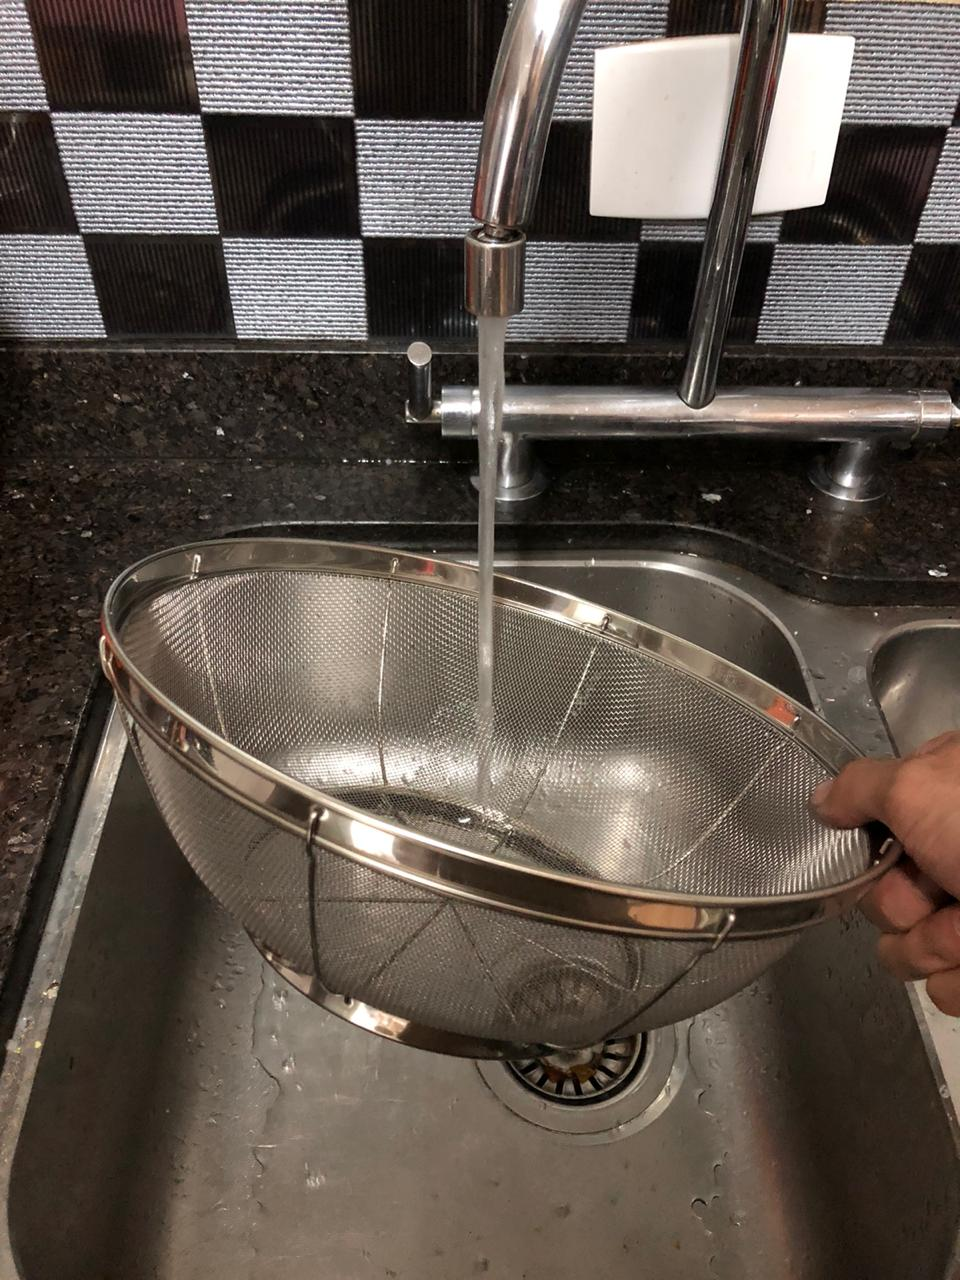 Escorredor de arroz inox macarrão peneira de cozinha coar e escorrer 27x10cm